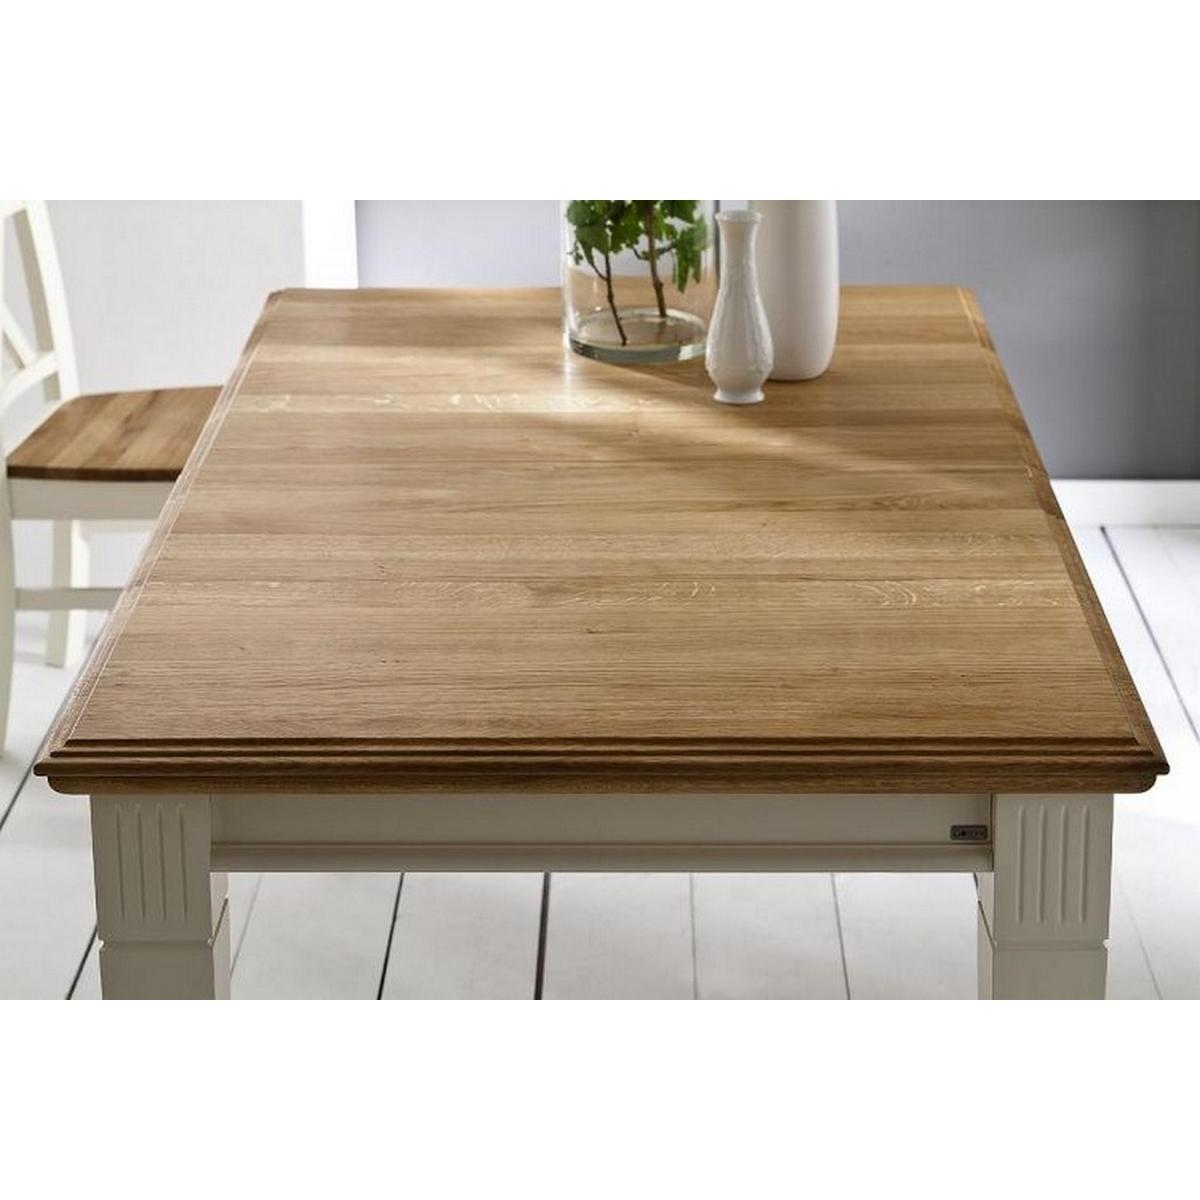 Anspruchsvoll Esstisch Ausziehbar Holz Sammlung Von Zoom · Massivholz 180/280x95 Kiefer Massiv